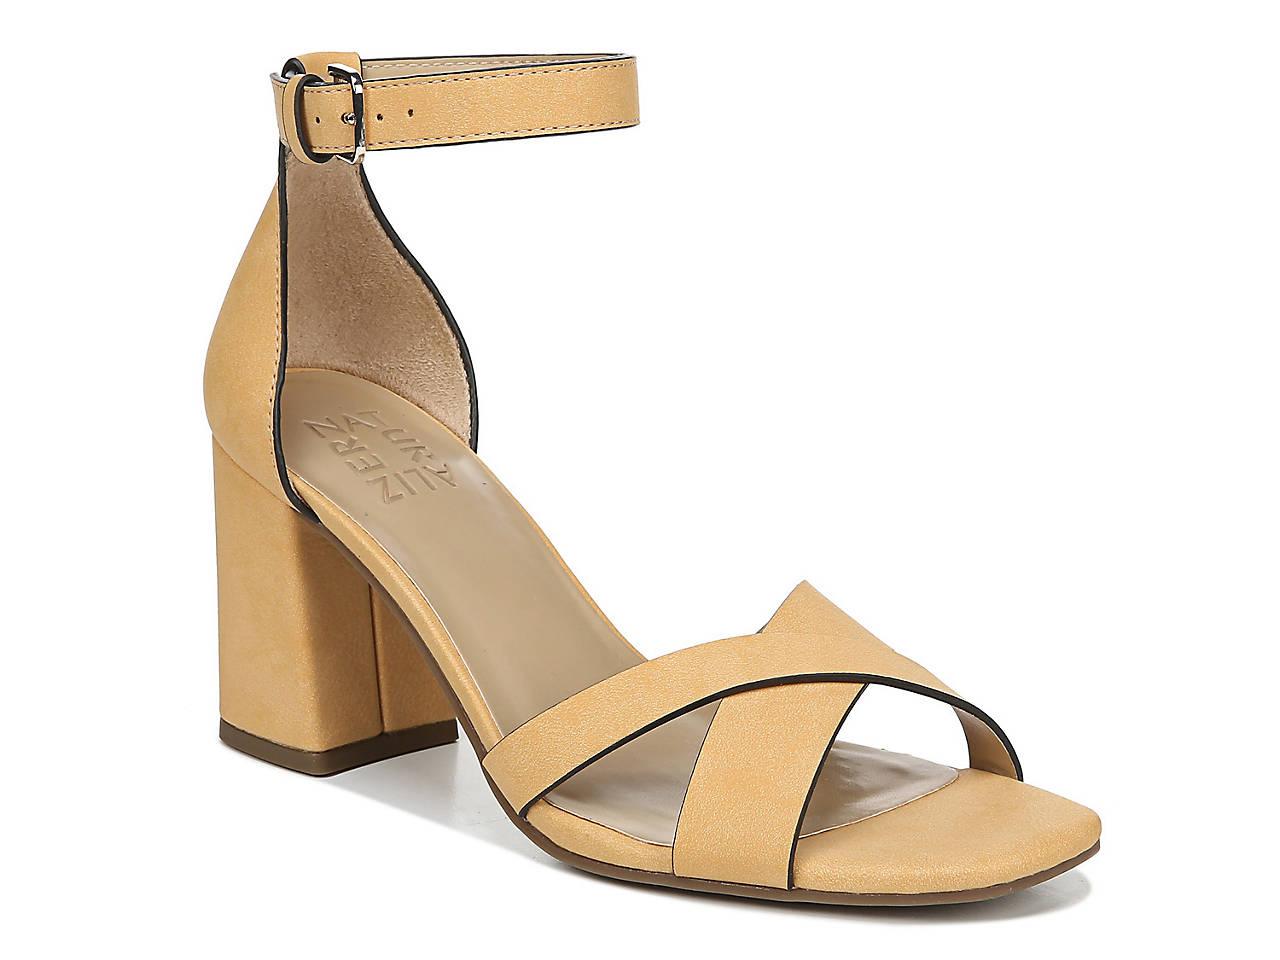 a6c6fb066100 Naturalizer Maggie Sandal Women s Shoes